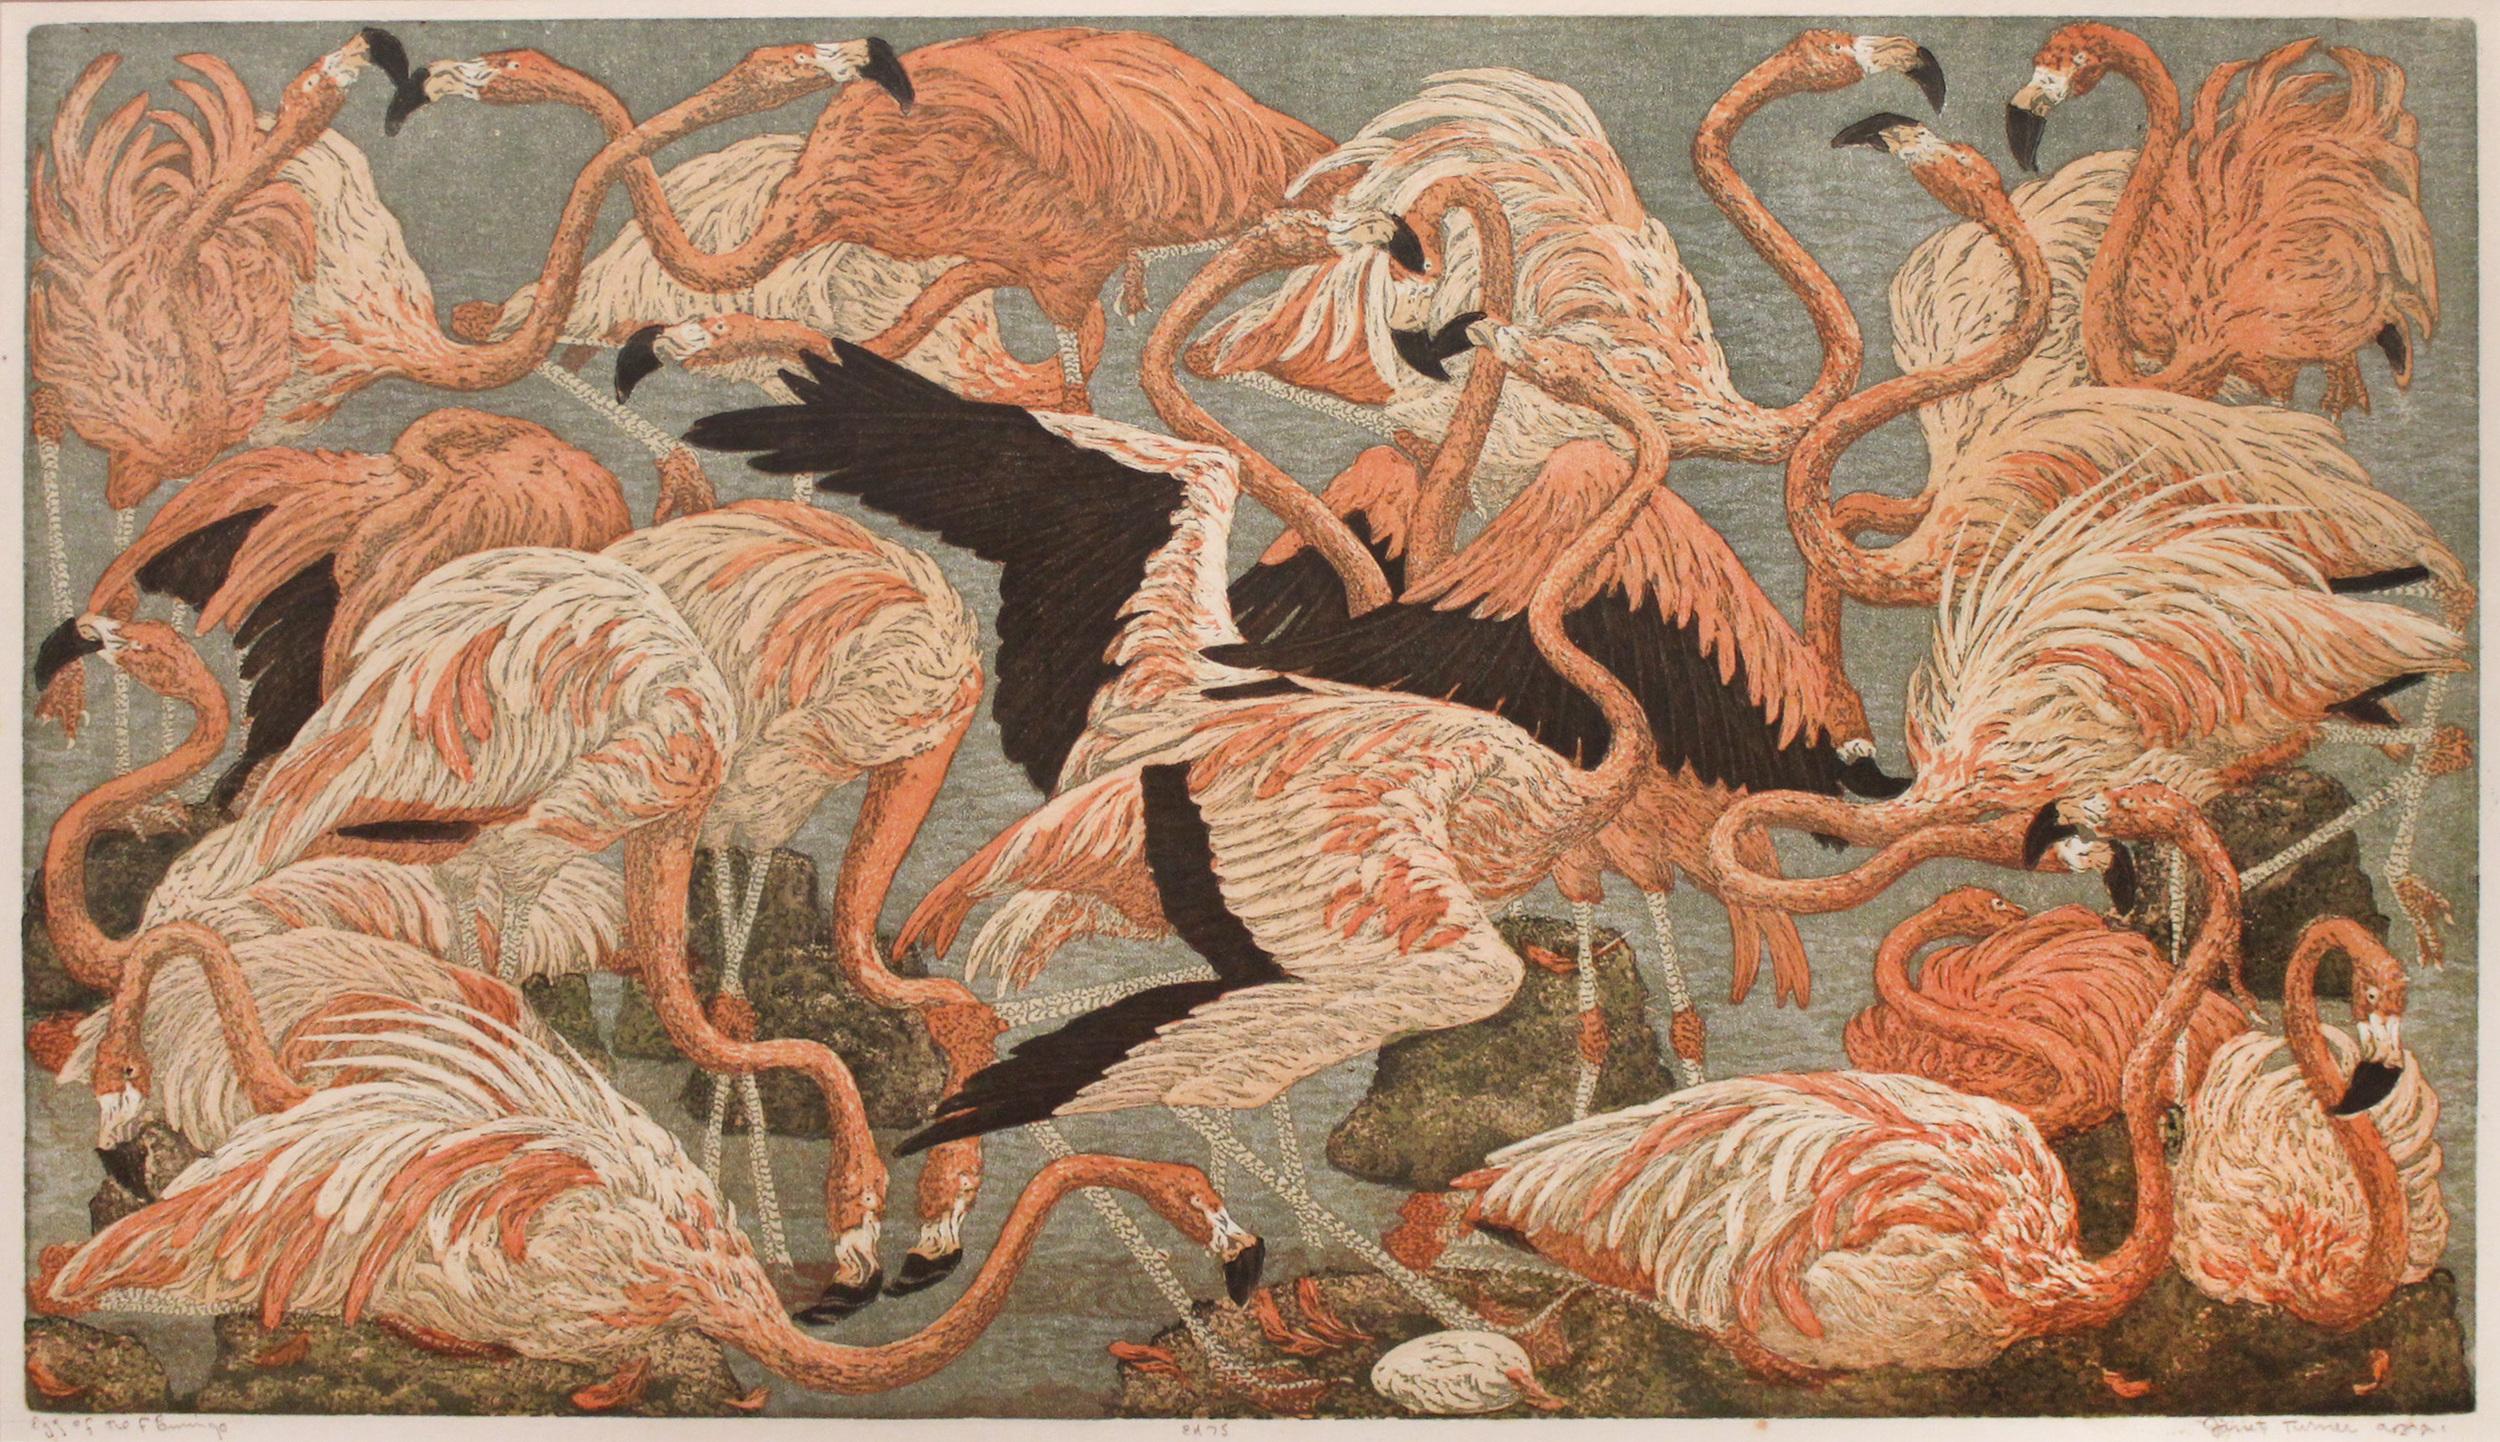 turner_egg_of_flamingo.jpg